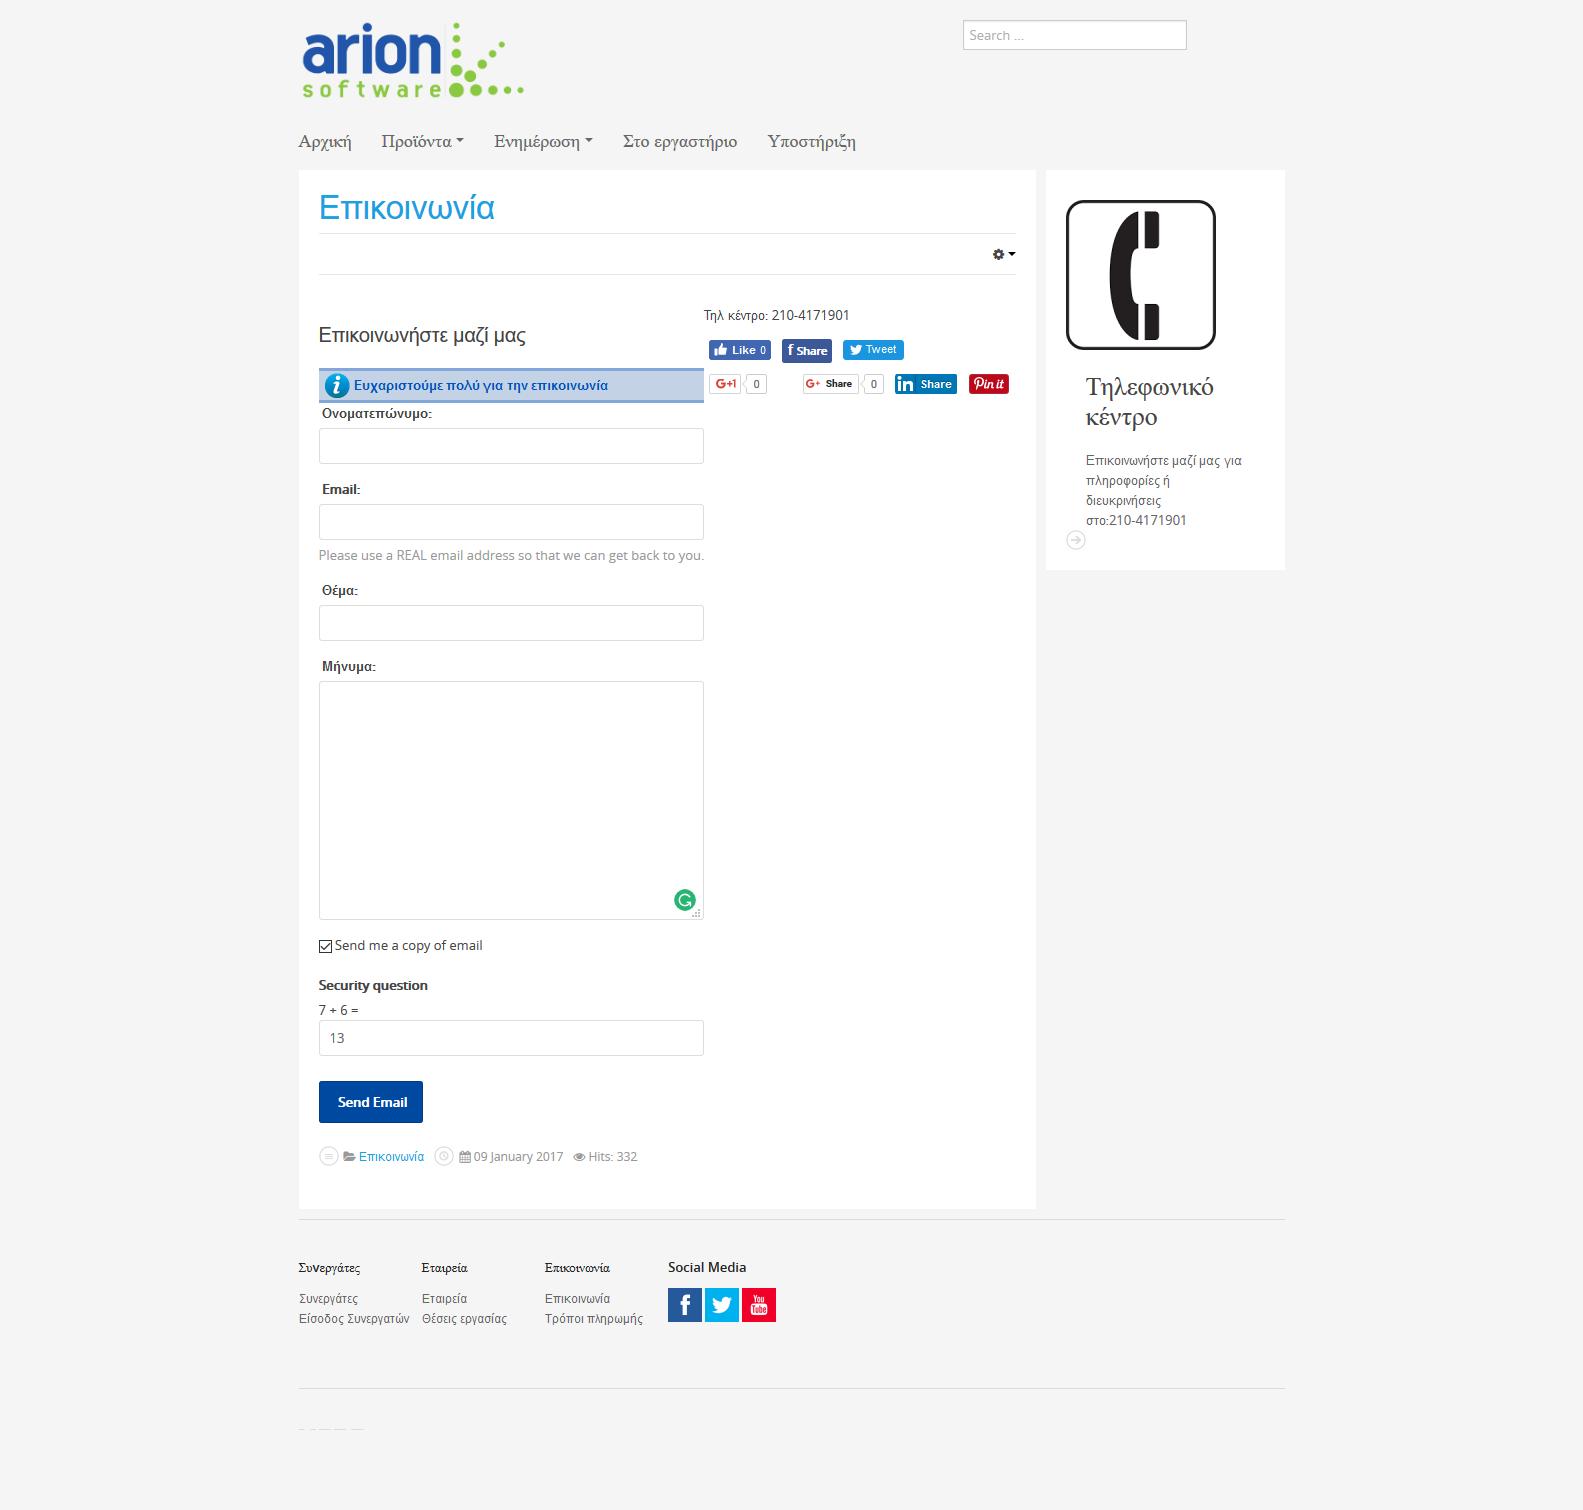 screenshot-arion.gr-2017-02-08-09-43-09